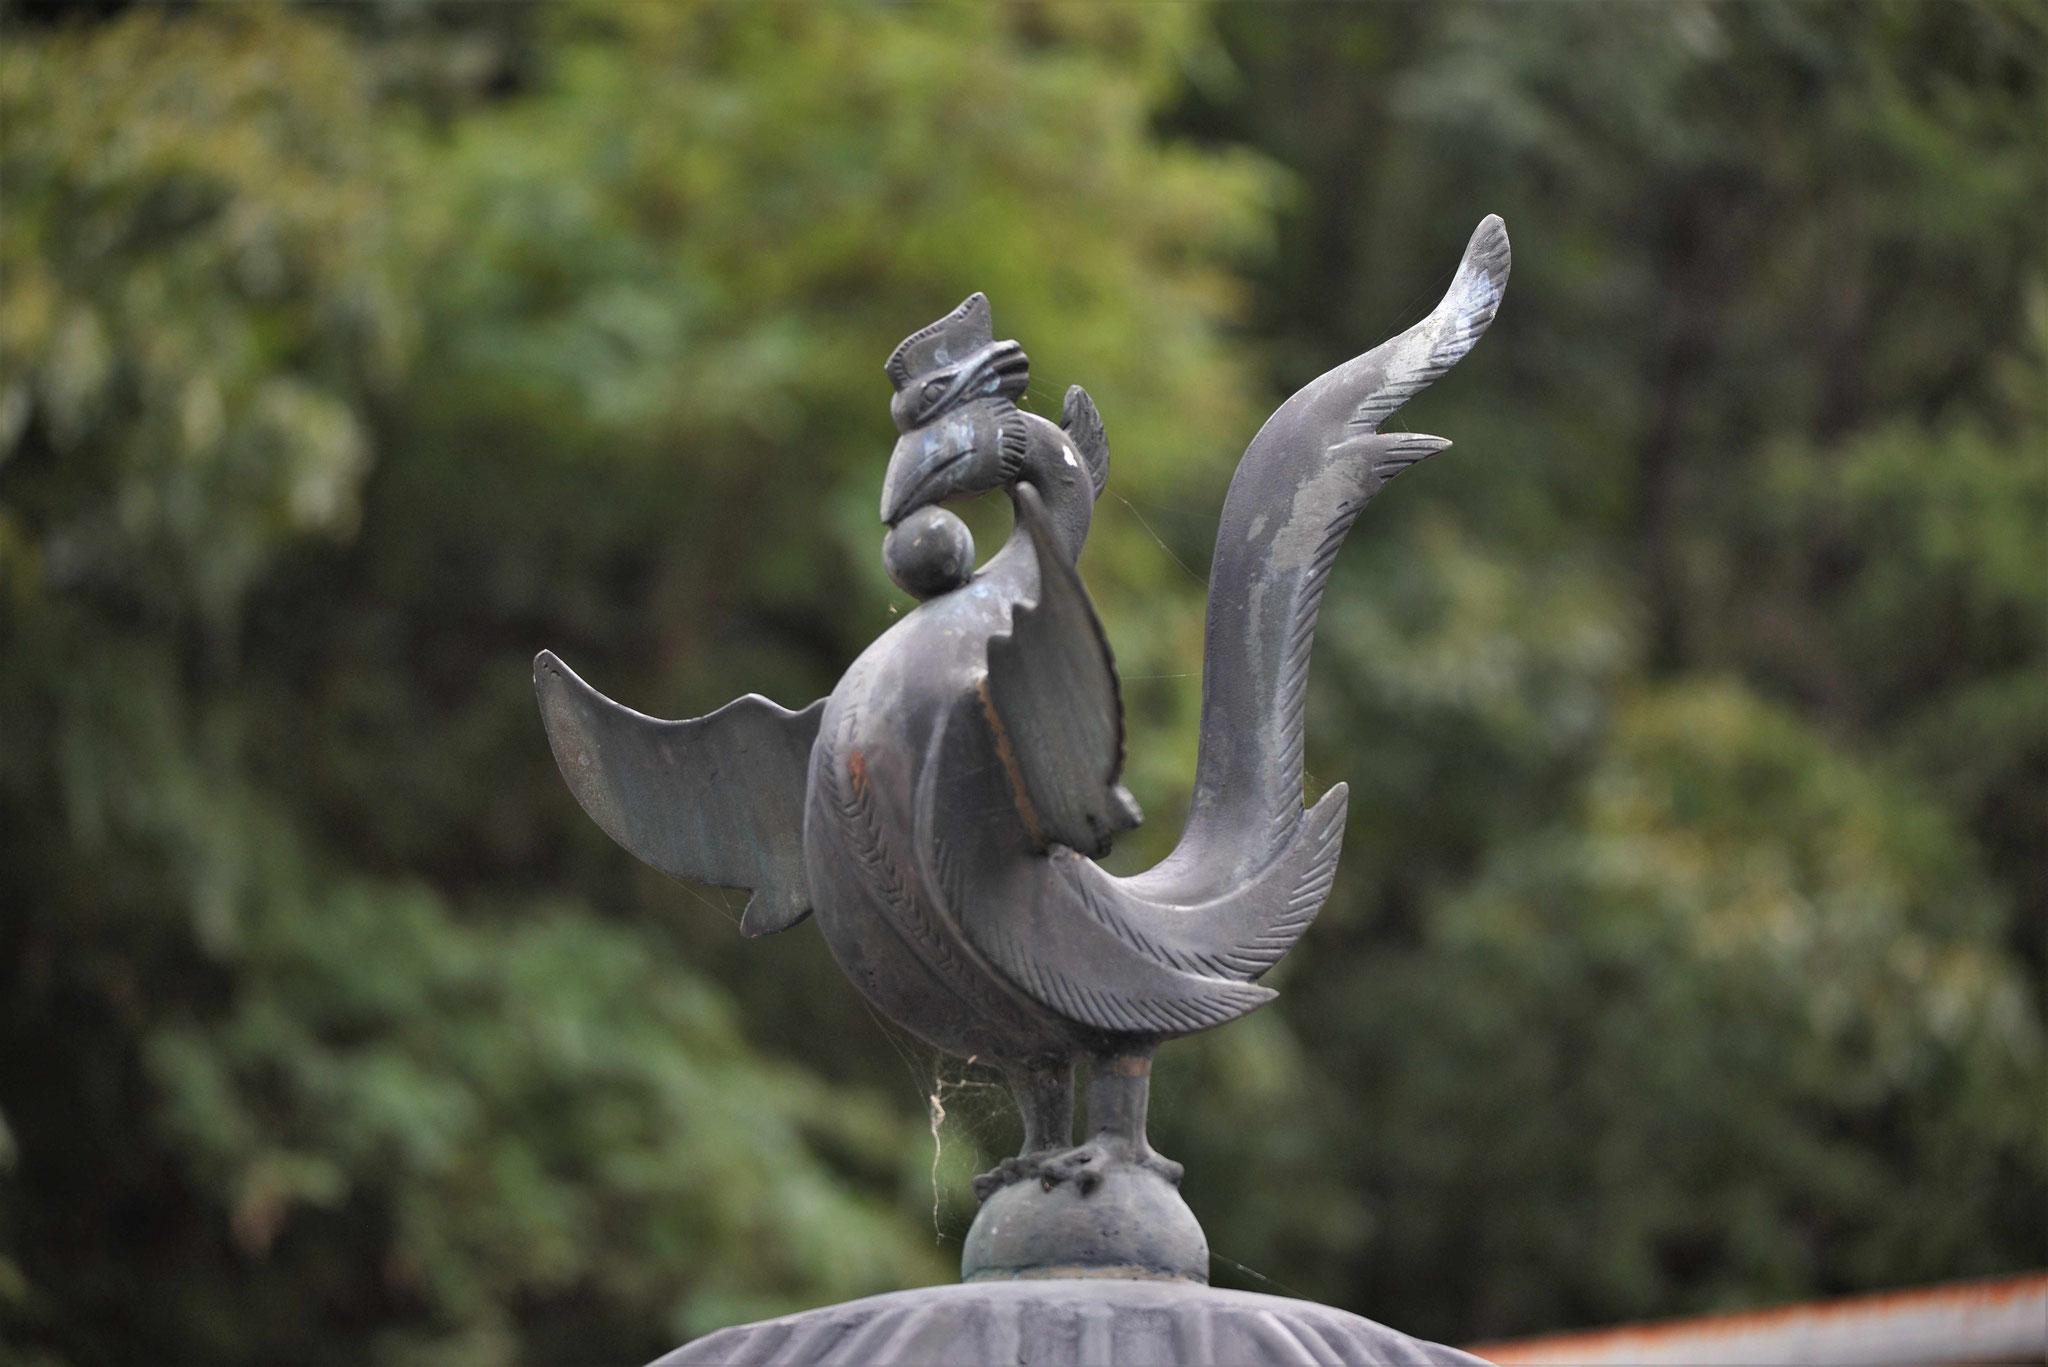 Den Adler sieht man auch hier öfter